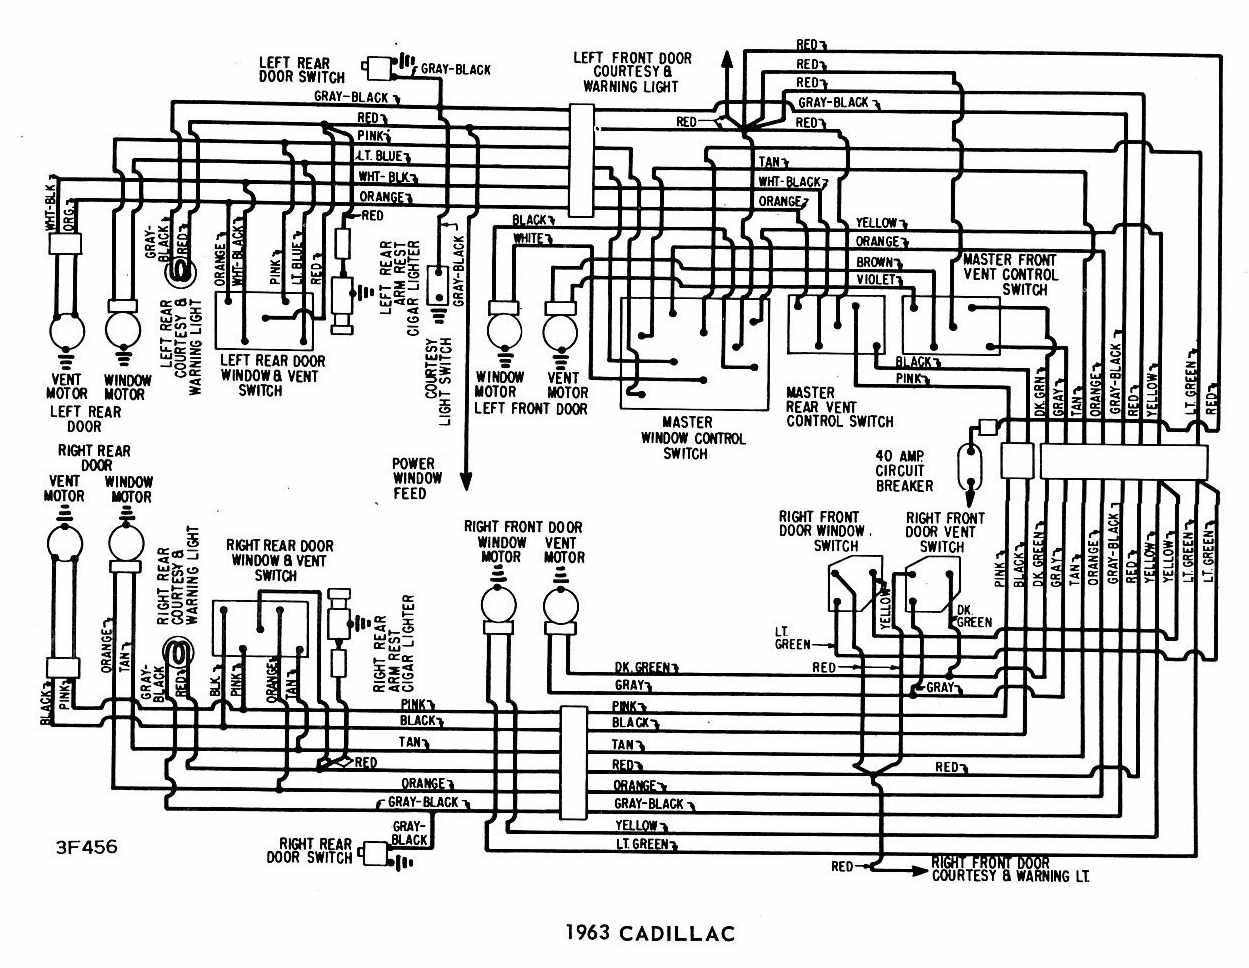 Gmdlbp Wiring Diagram : Omega ib pljx wiring diagram